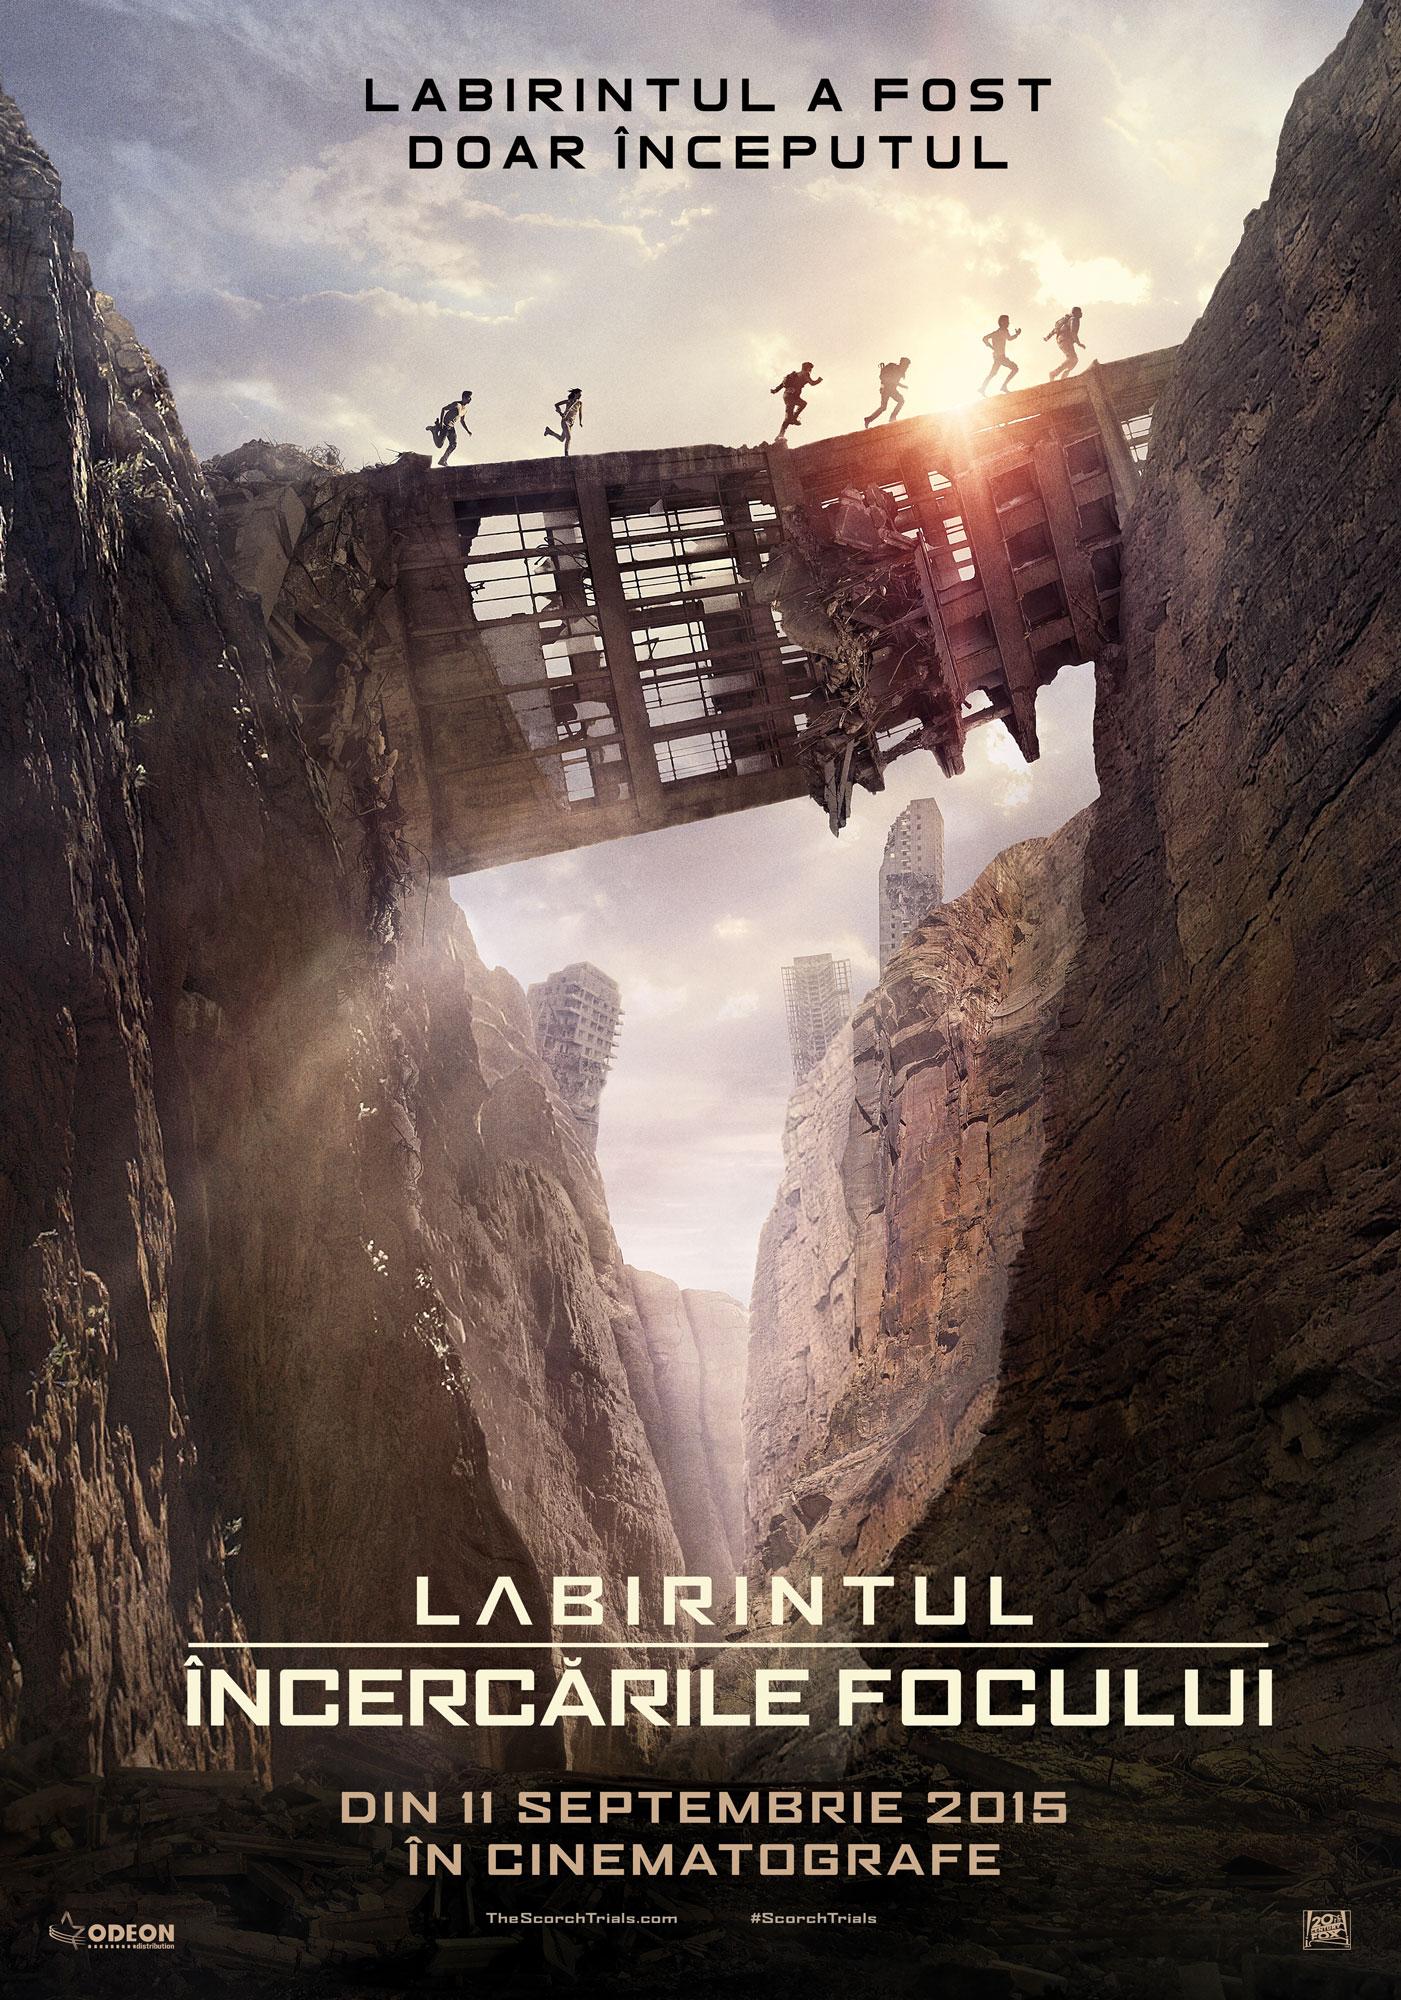 Labirintul: Incercarile focului / Maze Runner: Scorch Trials (Premiera)